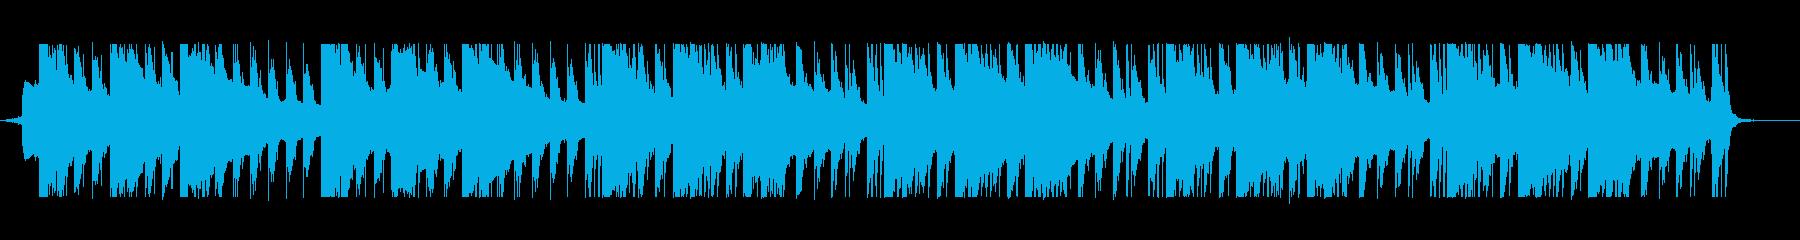 少し悲しい感じのテクノポップ CMやVPの再生済みの波形